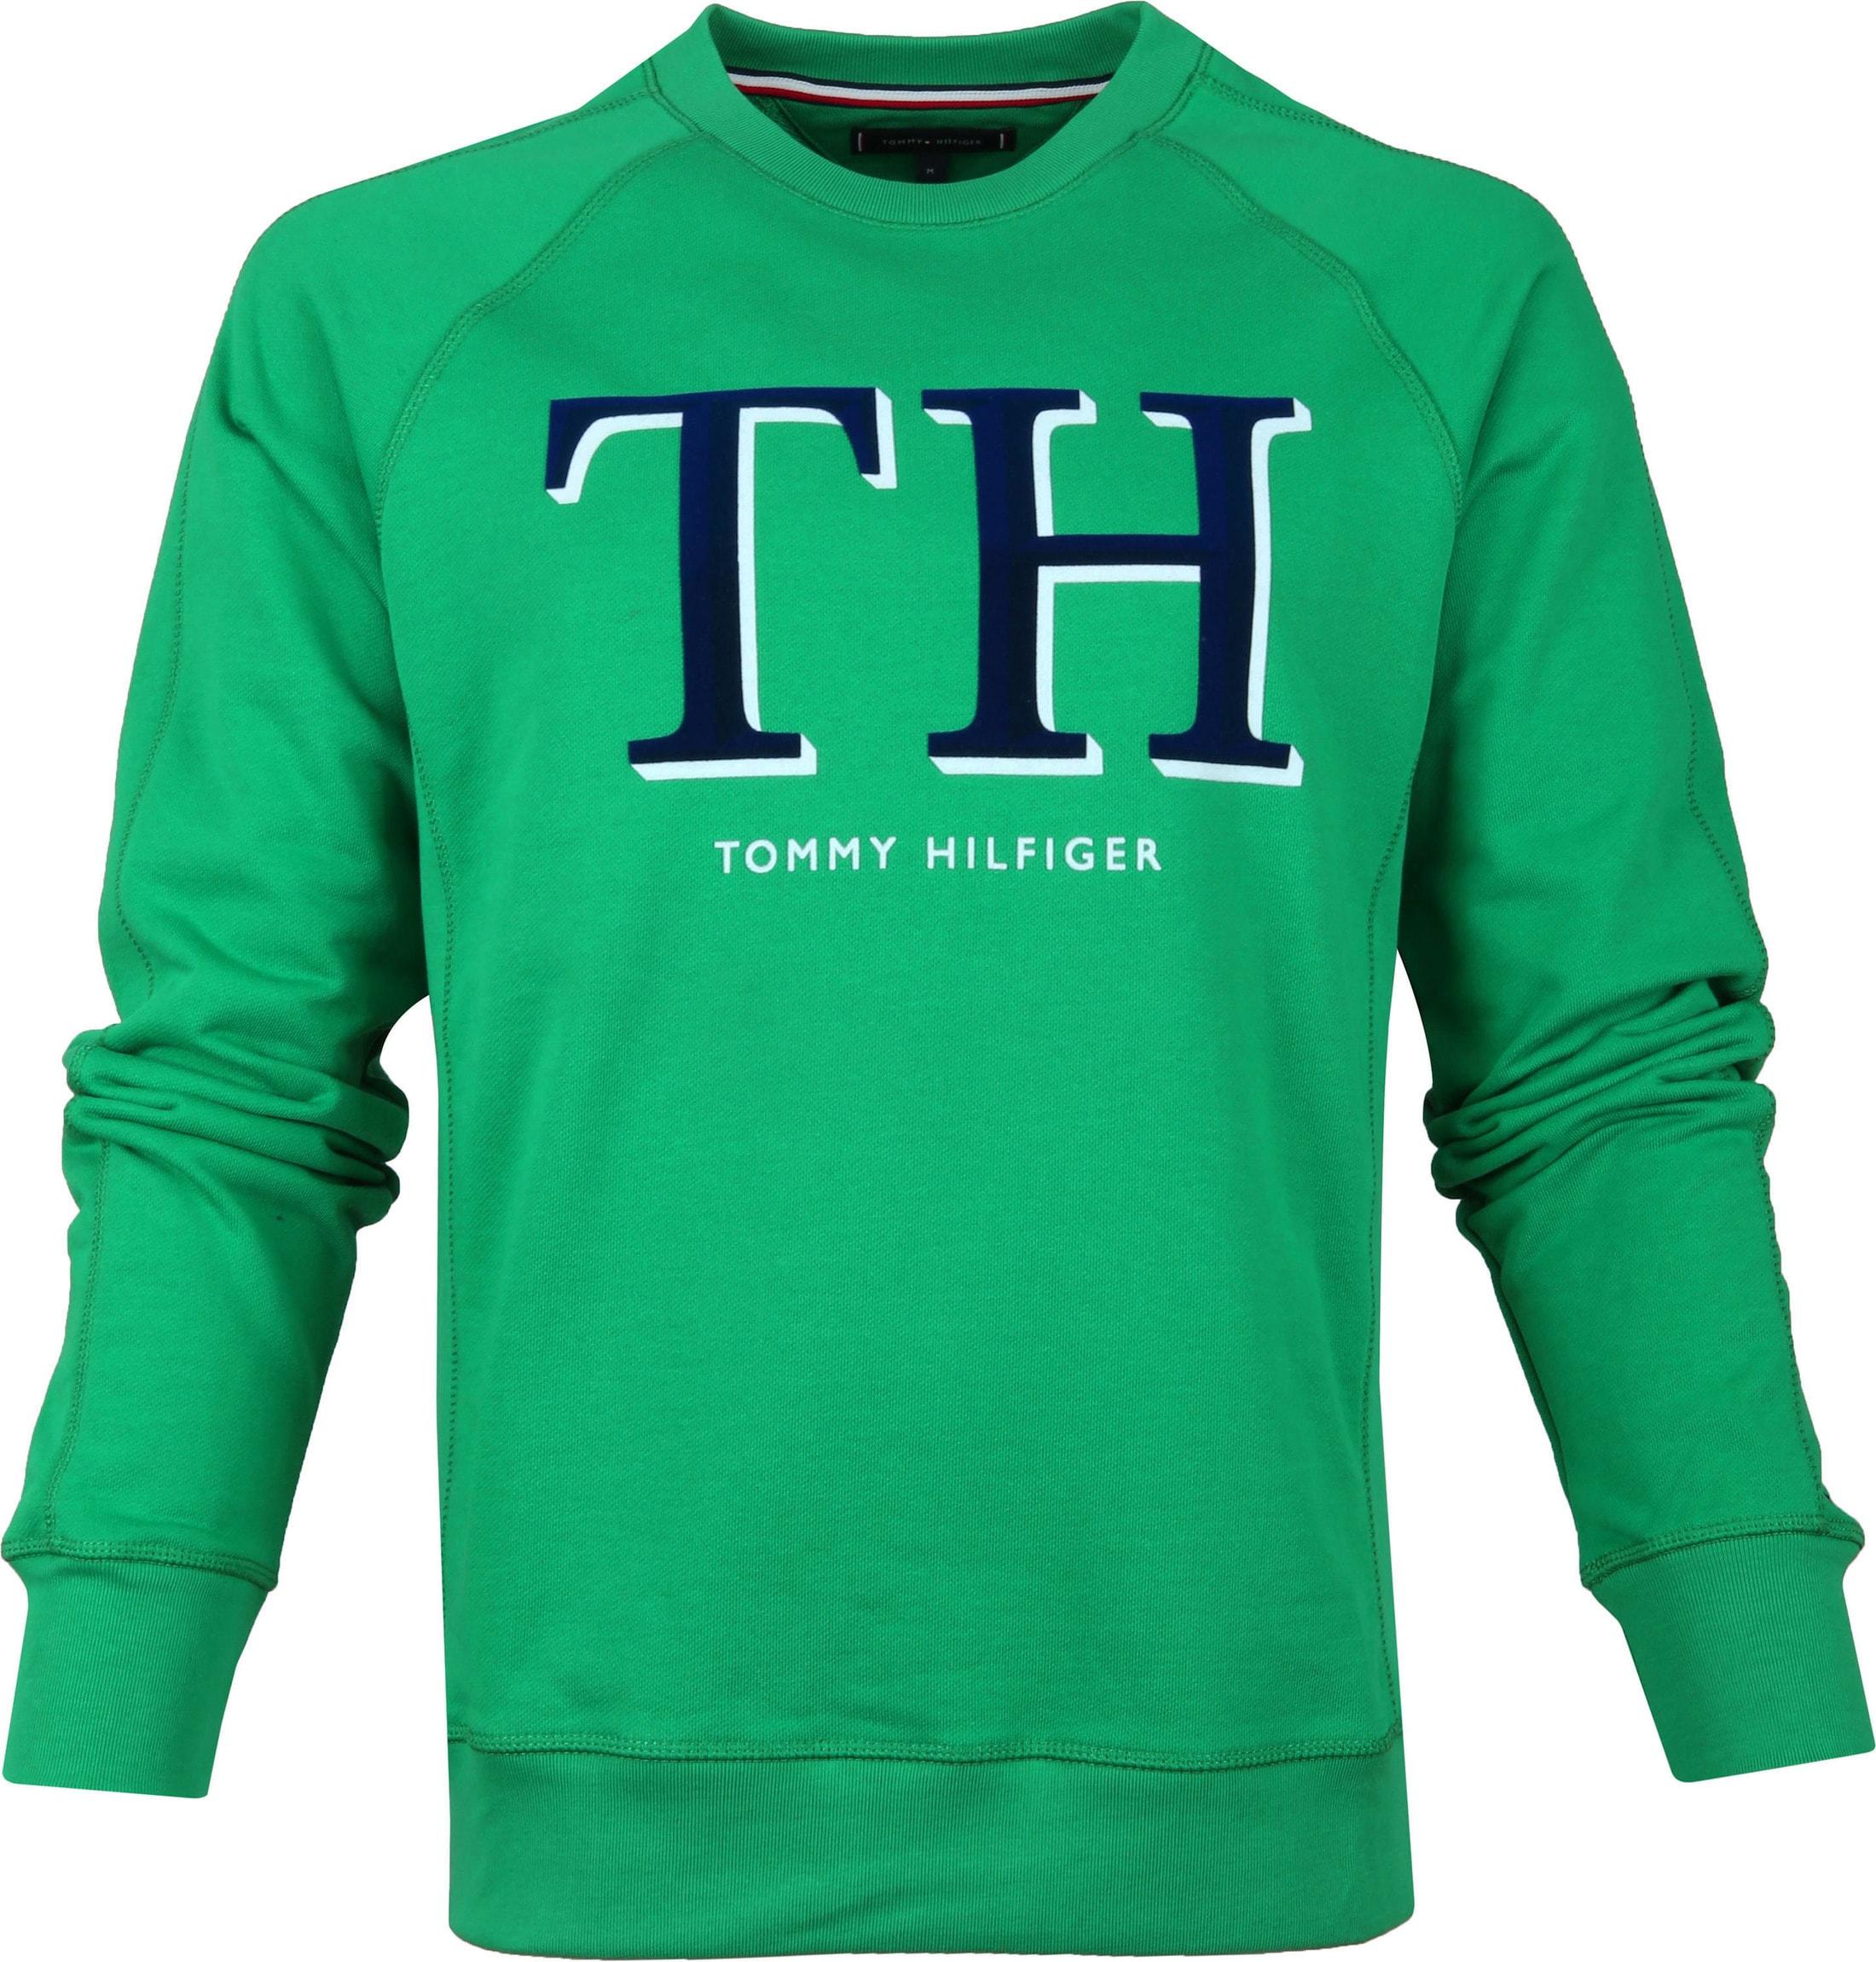 Tommy Hilfiger Sweater Groen foto 0